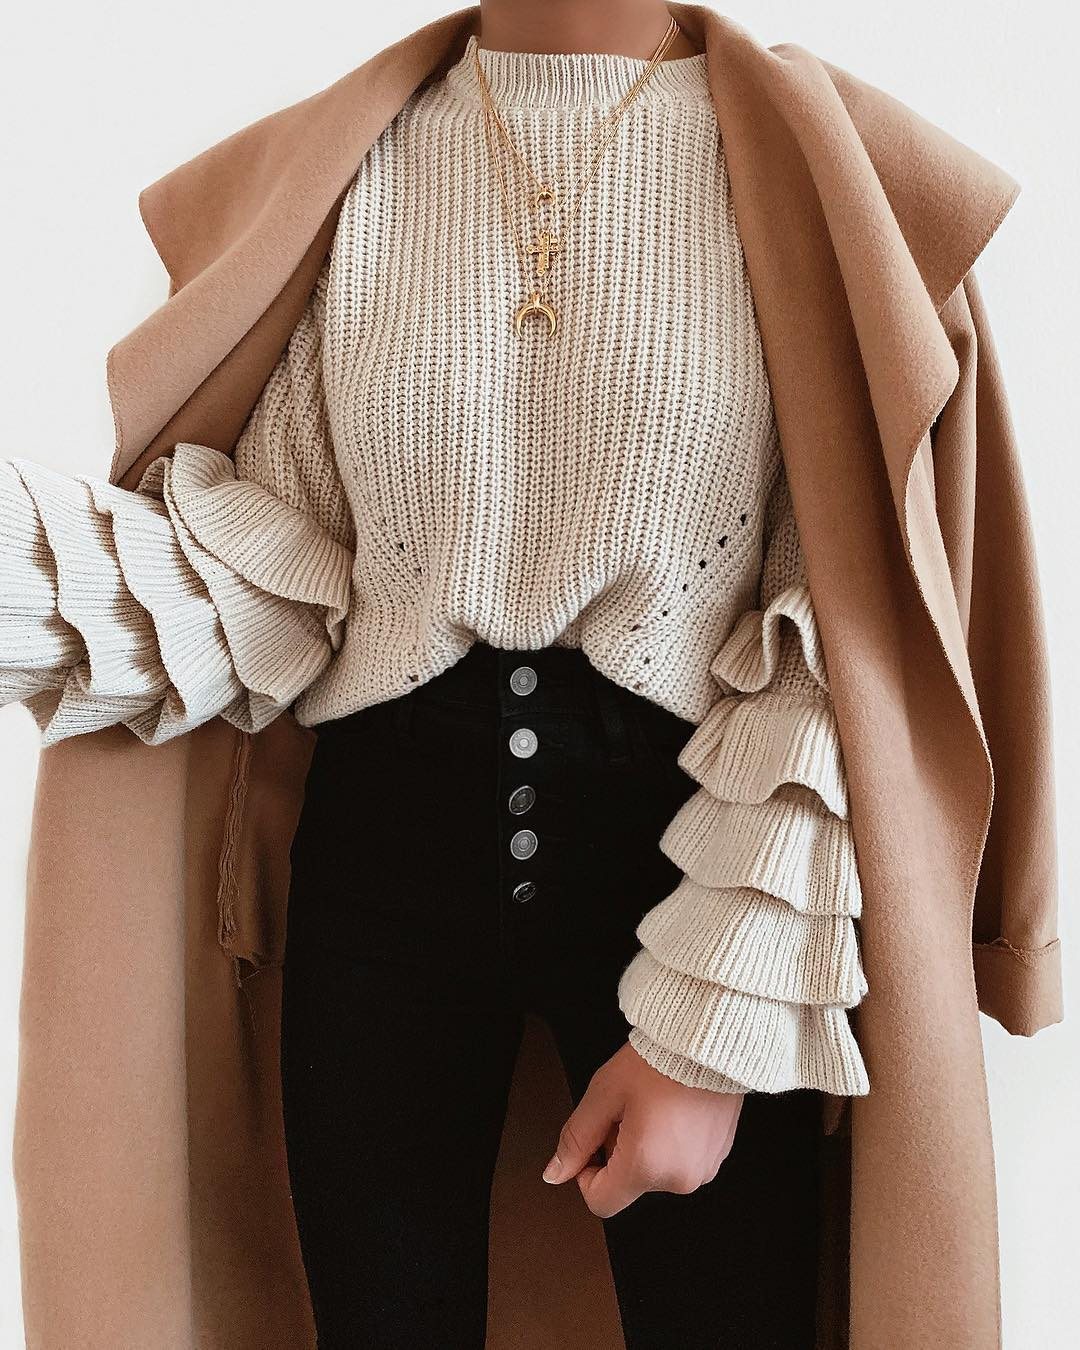 С чем носить бежевый джемпер, свитер и кофты 2019-2020: 15 элегантных образов